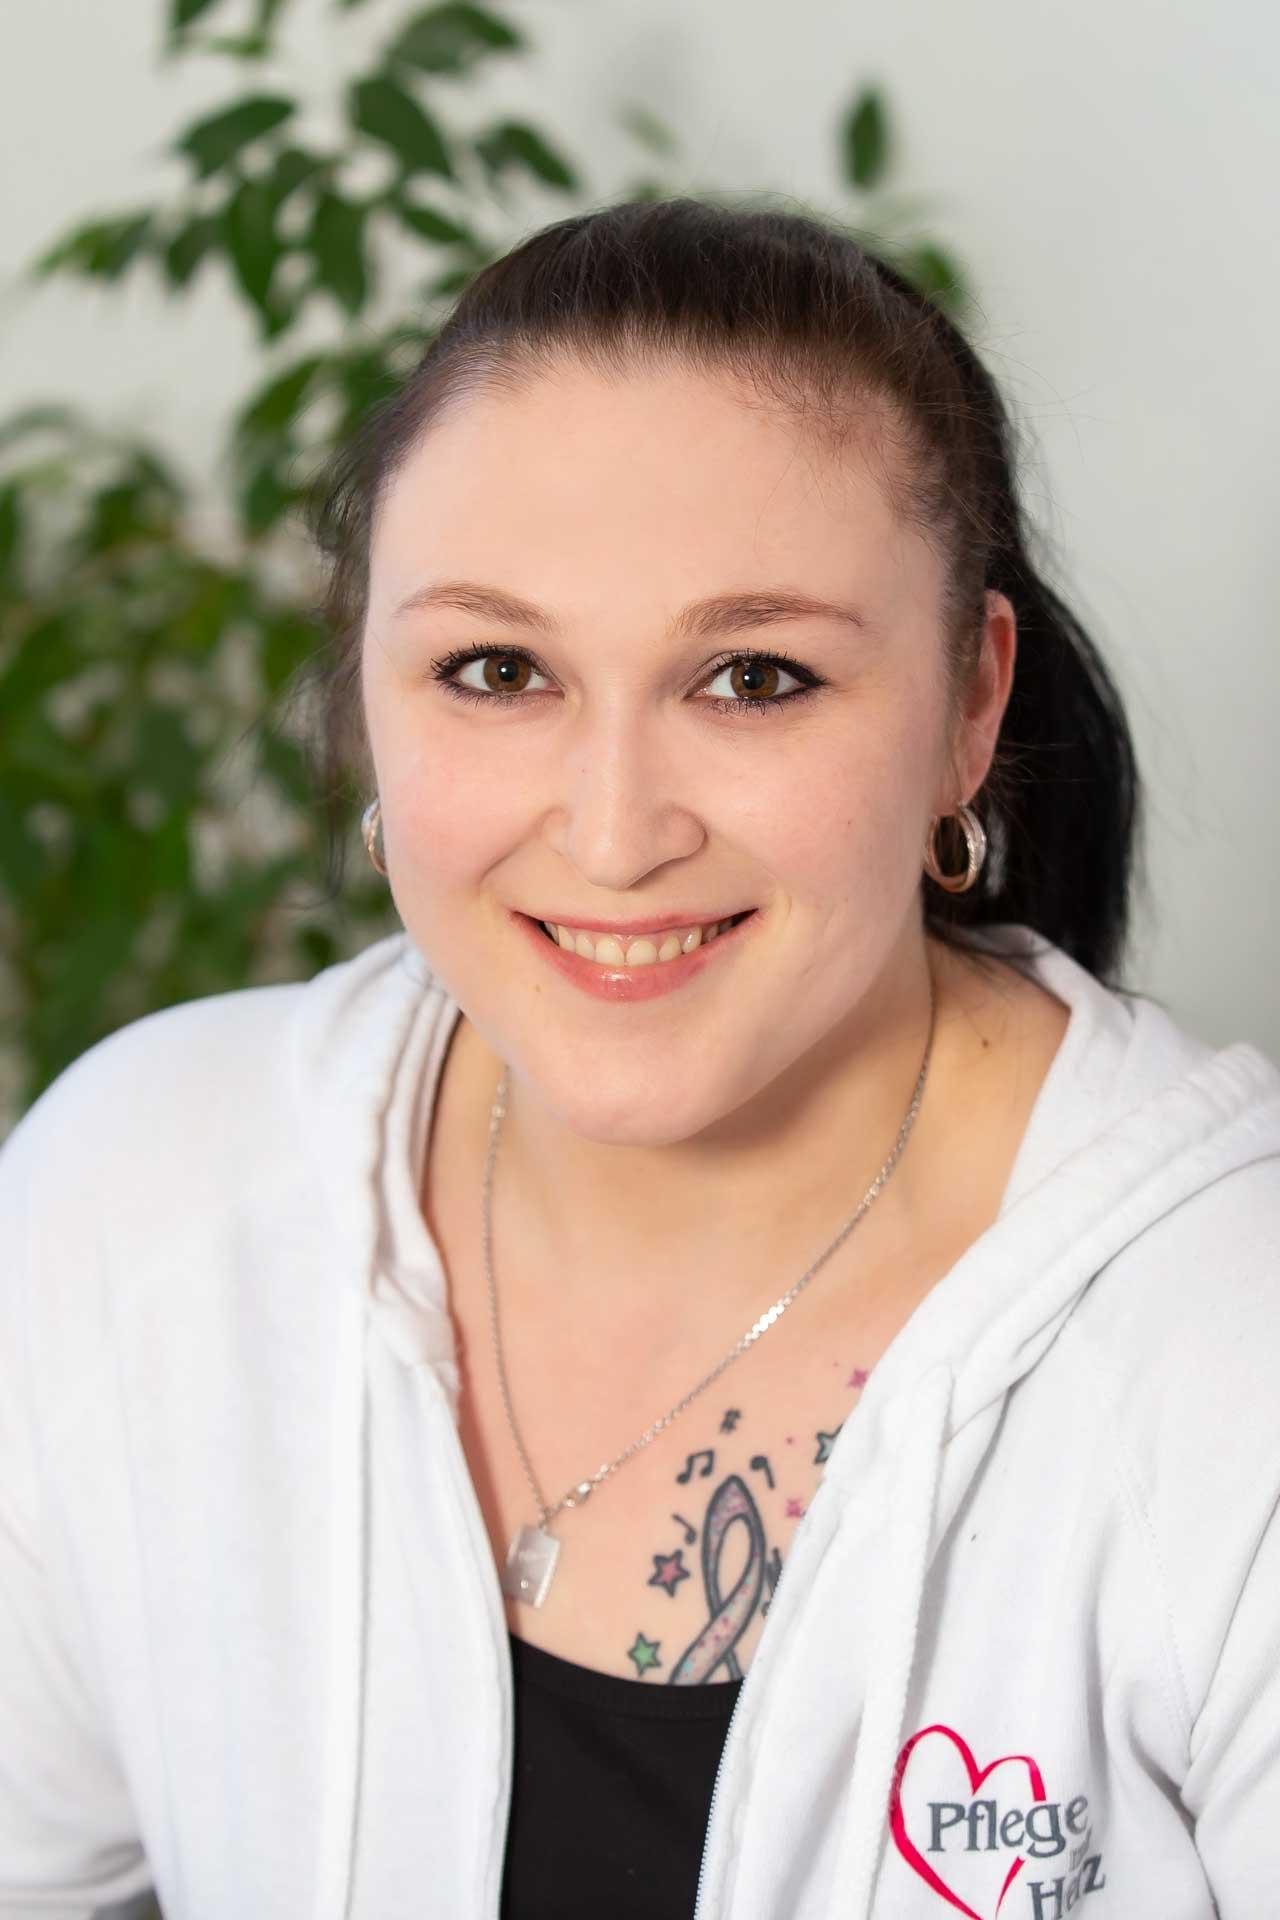 Julia Maas